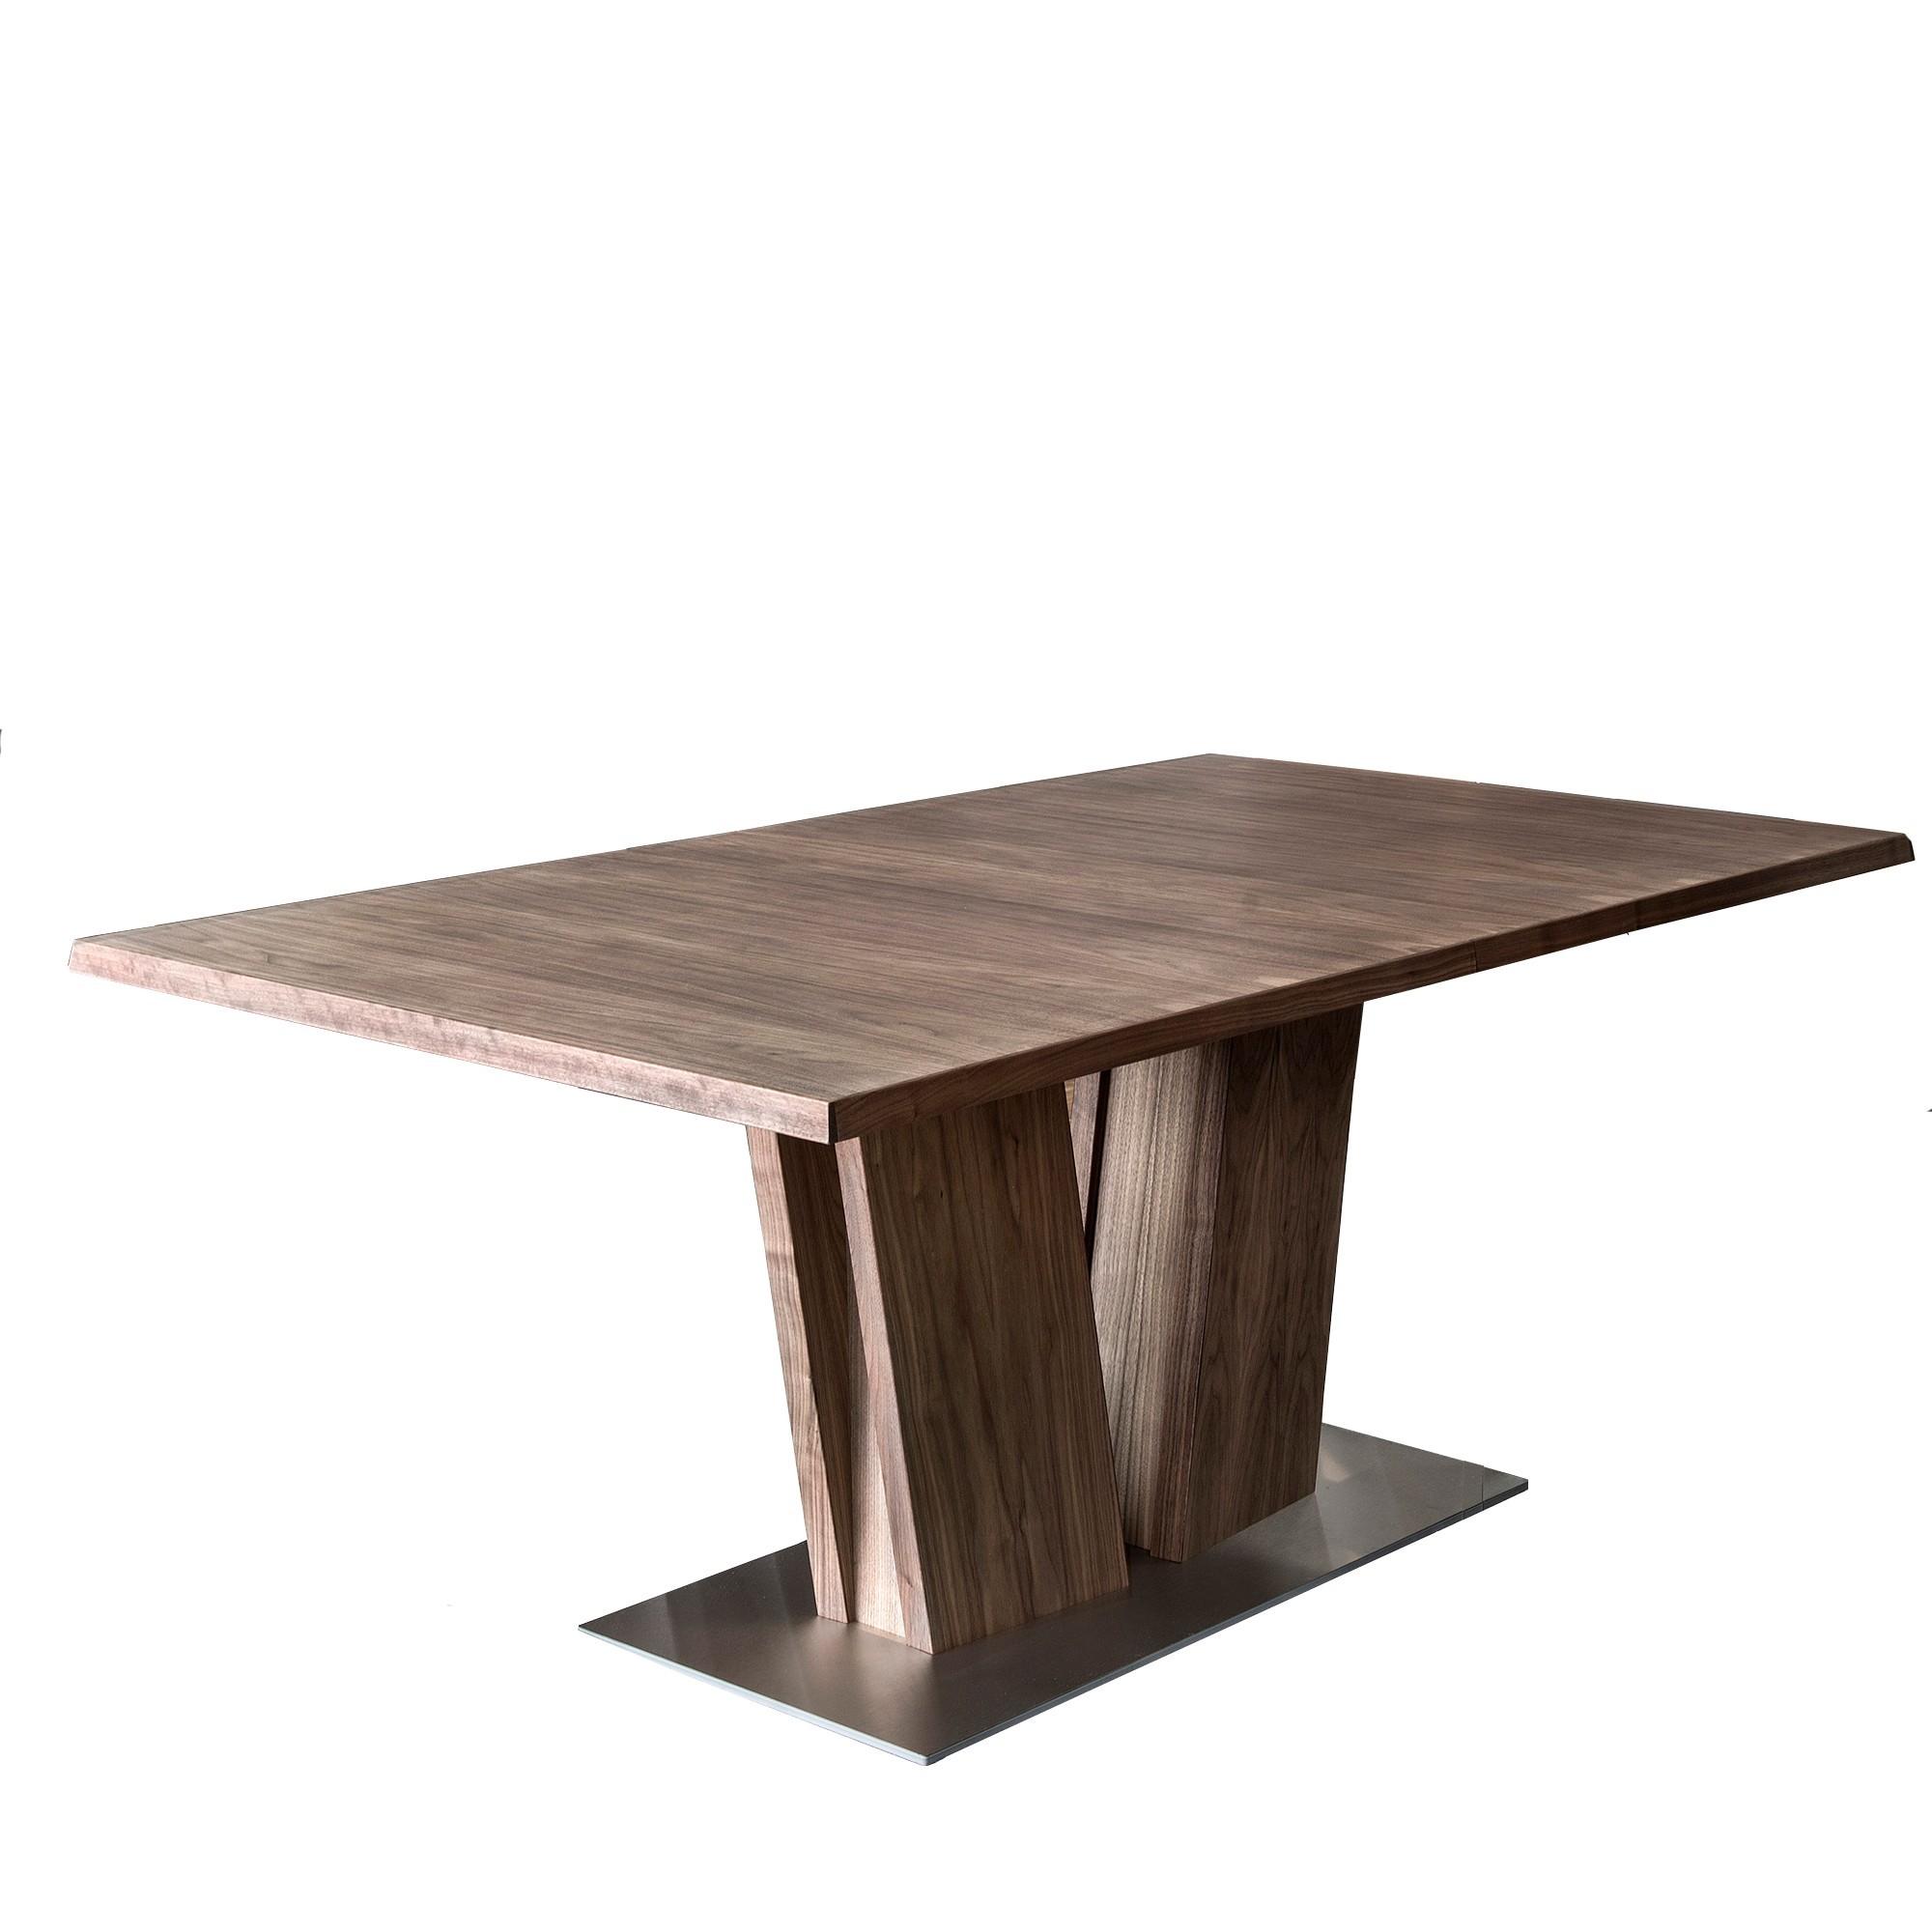 Skovby #37 Dining Table